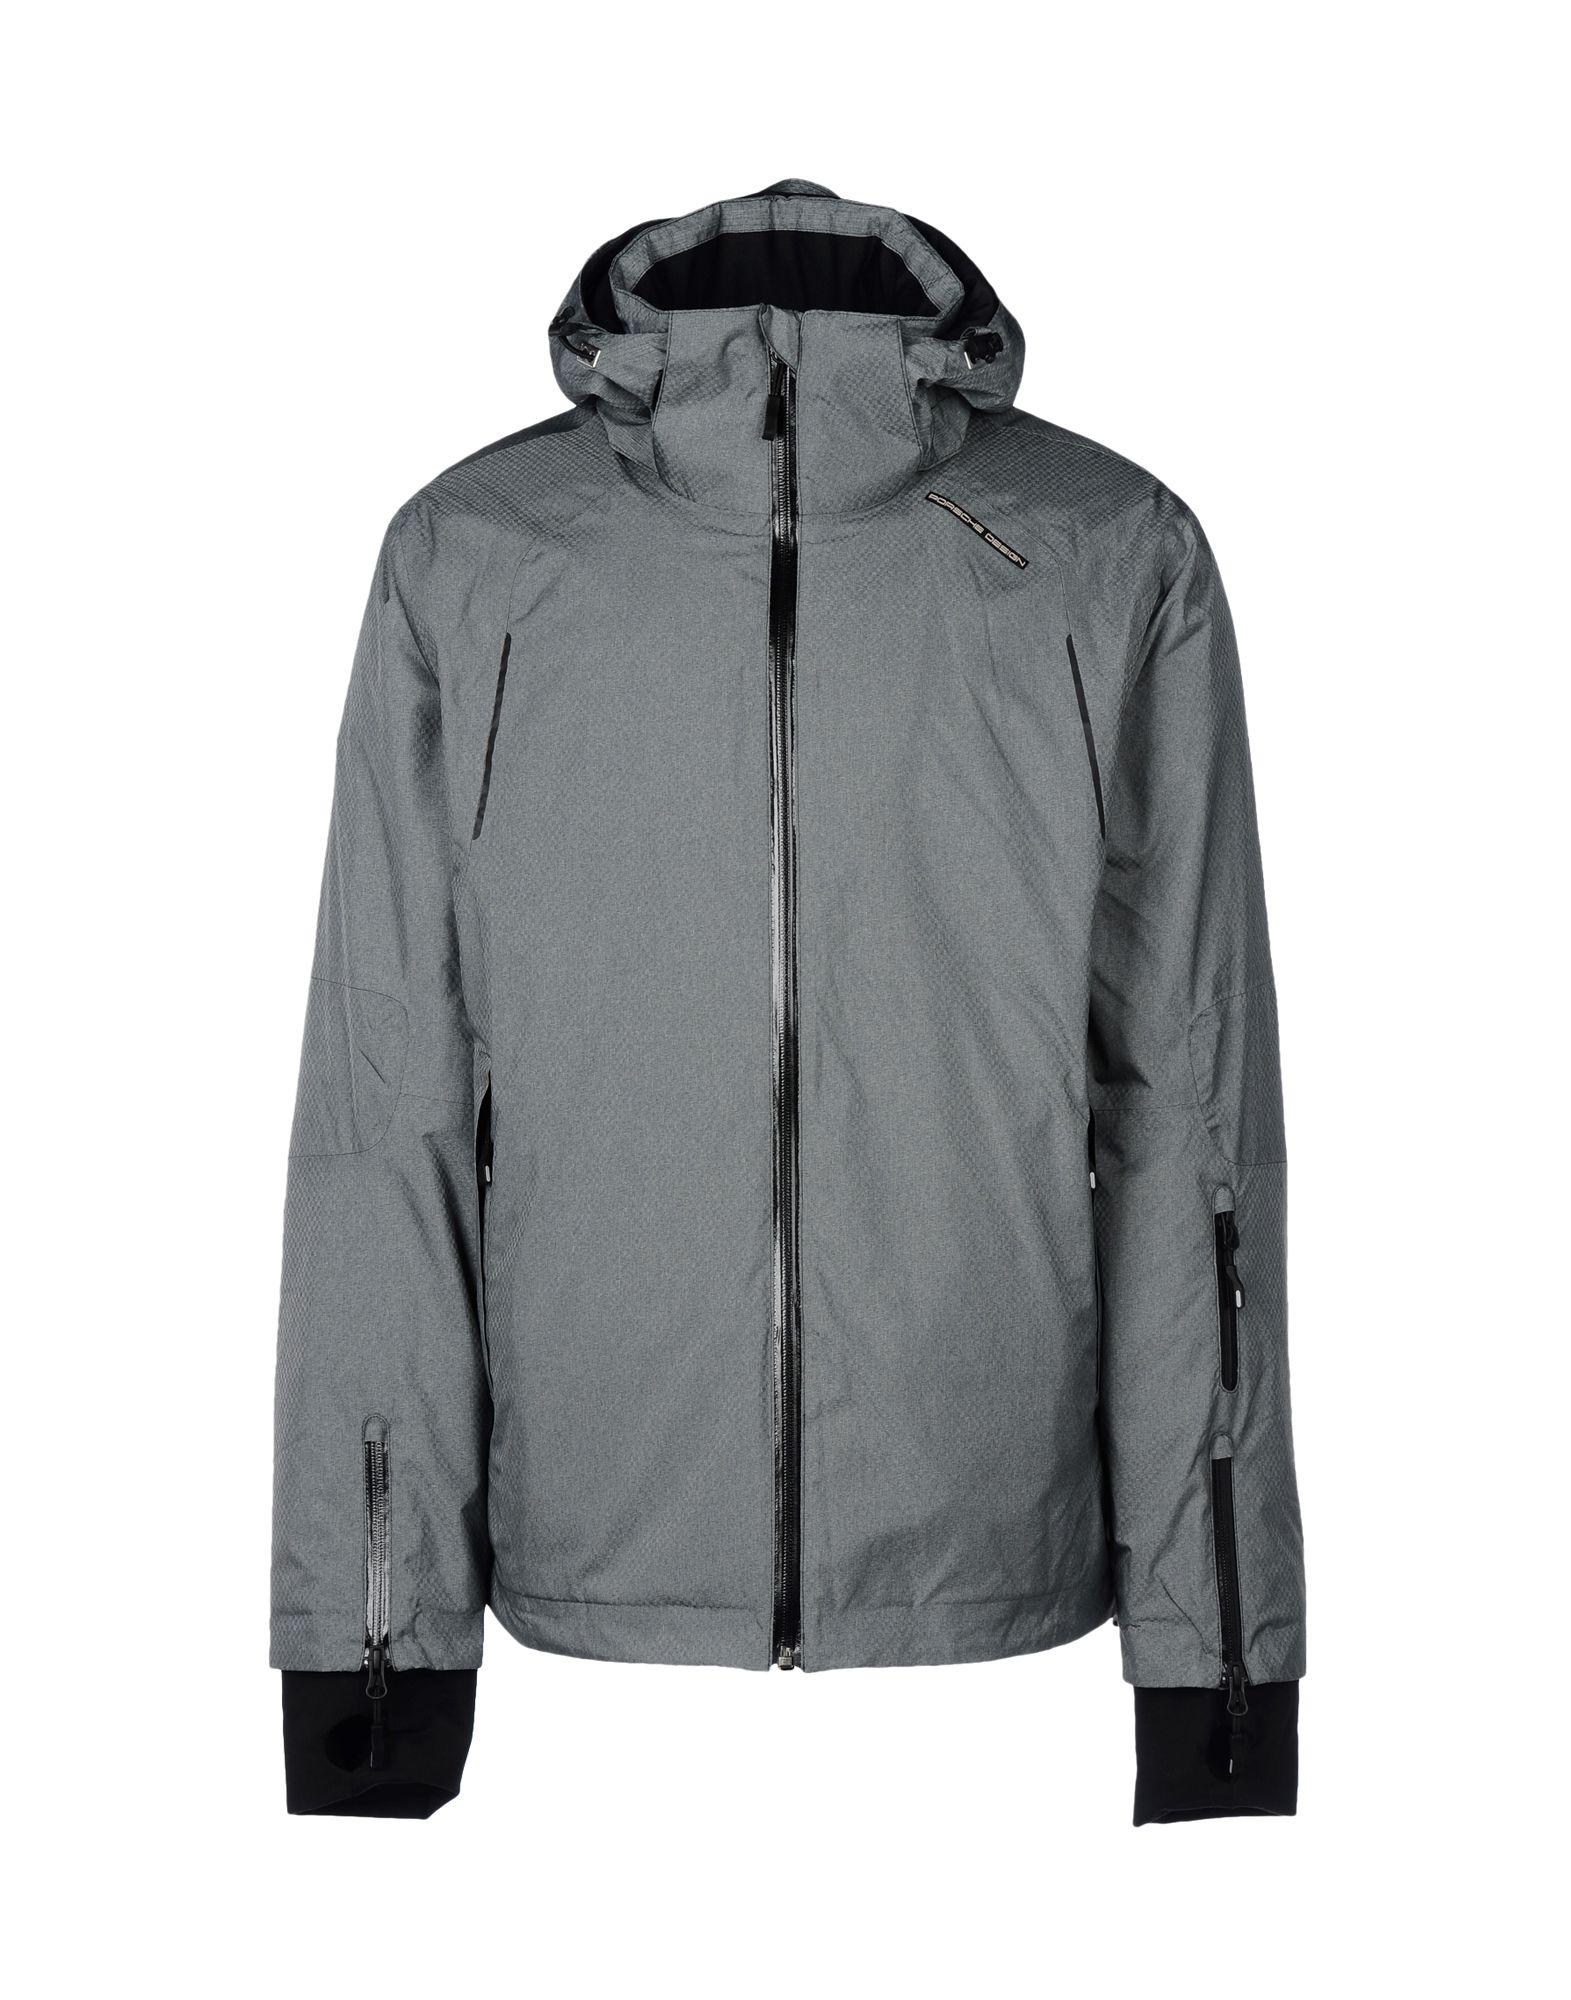 Porsche Design Sport By Adidas Jacket In Gray For Men